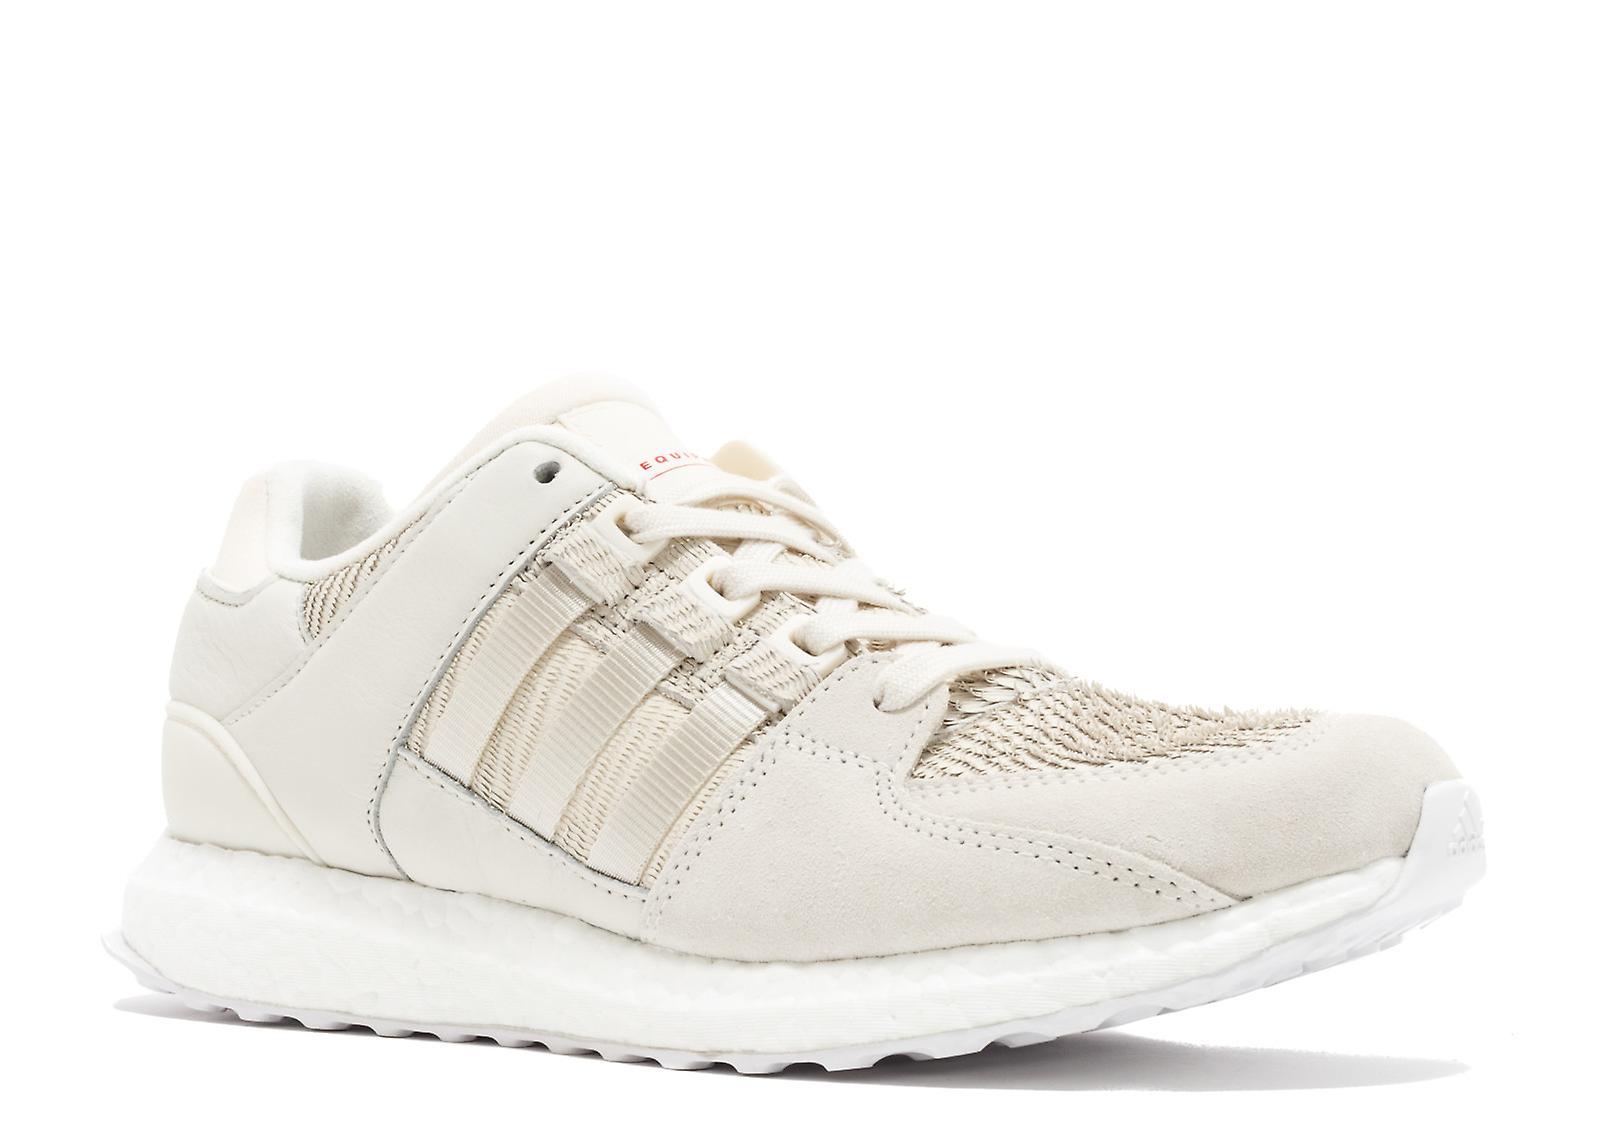 https   www.fruugo.it foamposite-one-895320-500-shoes p-24554340 ... 111638a8c8a